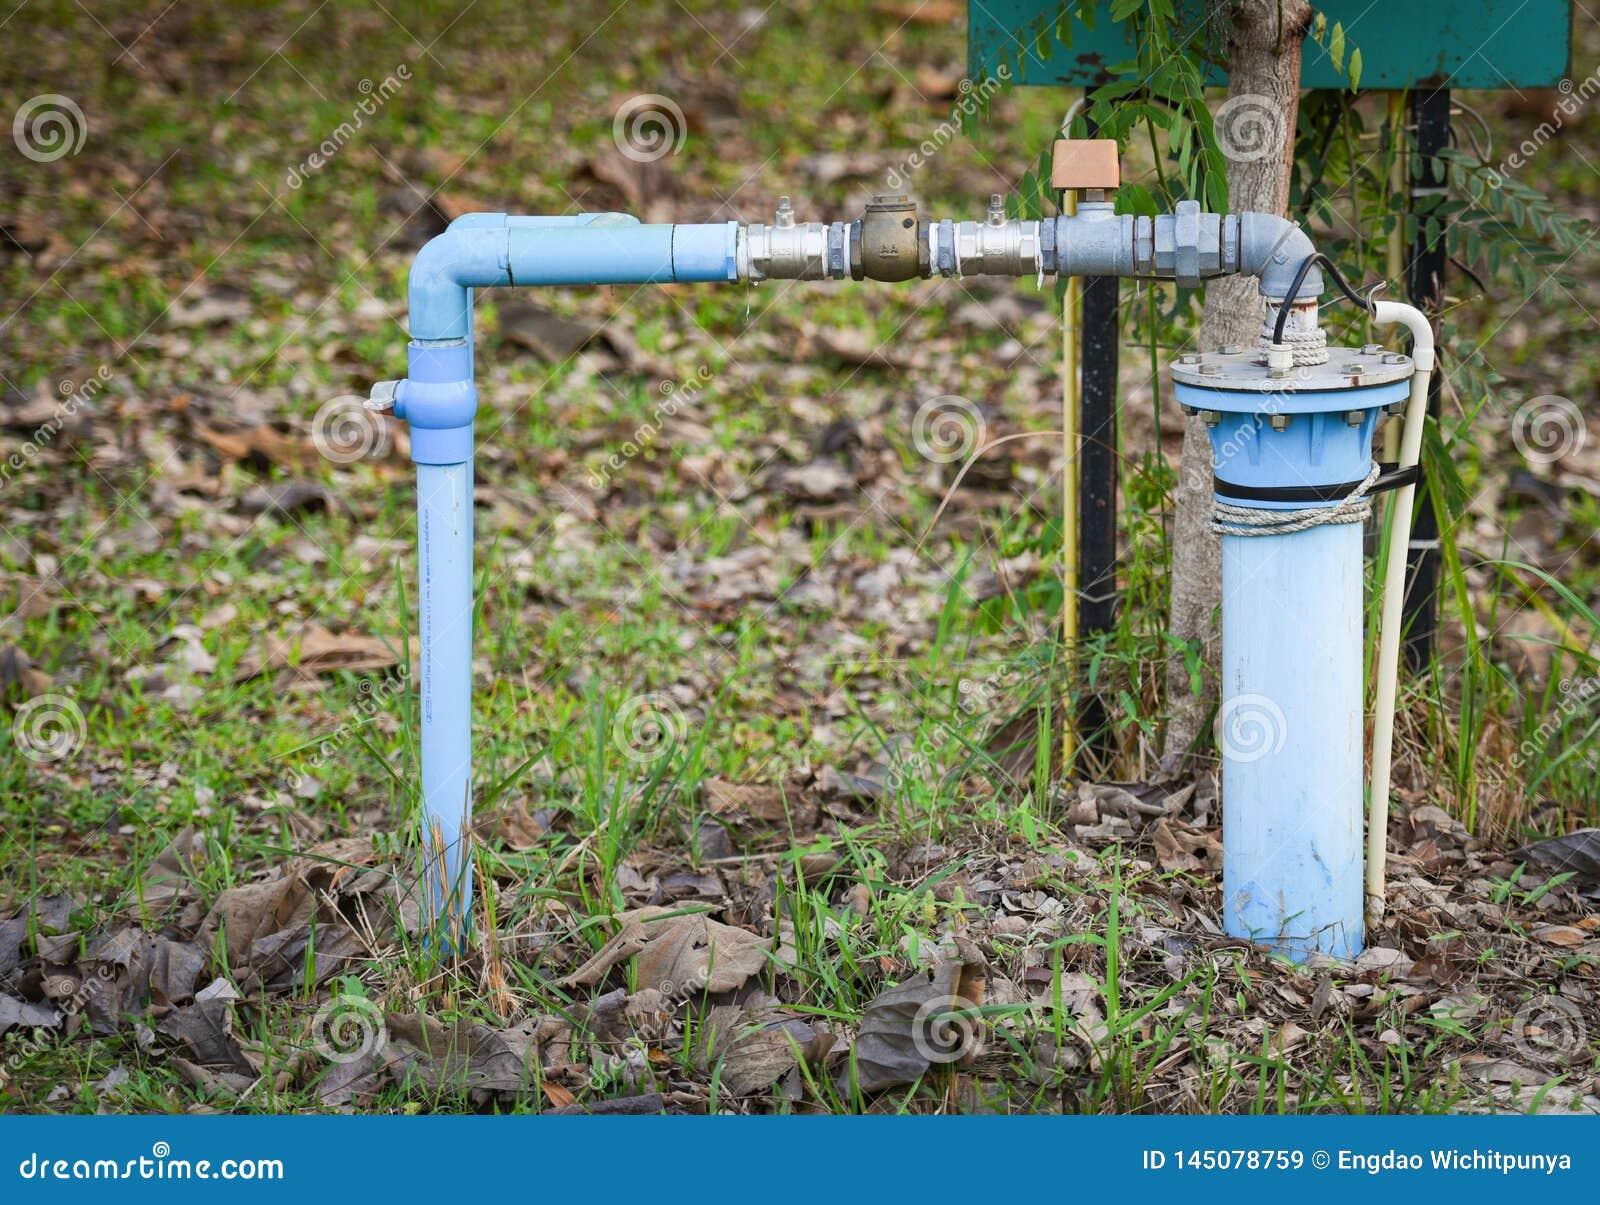 Grondwater goed met pvc-pijp en water met duikvermogen van de systeem het elektrische diepe goed pomp